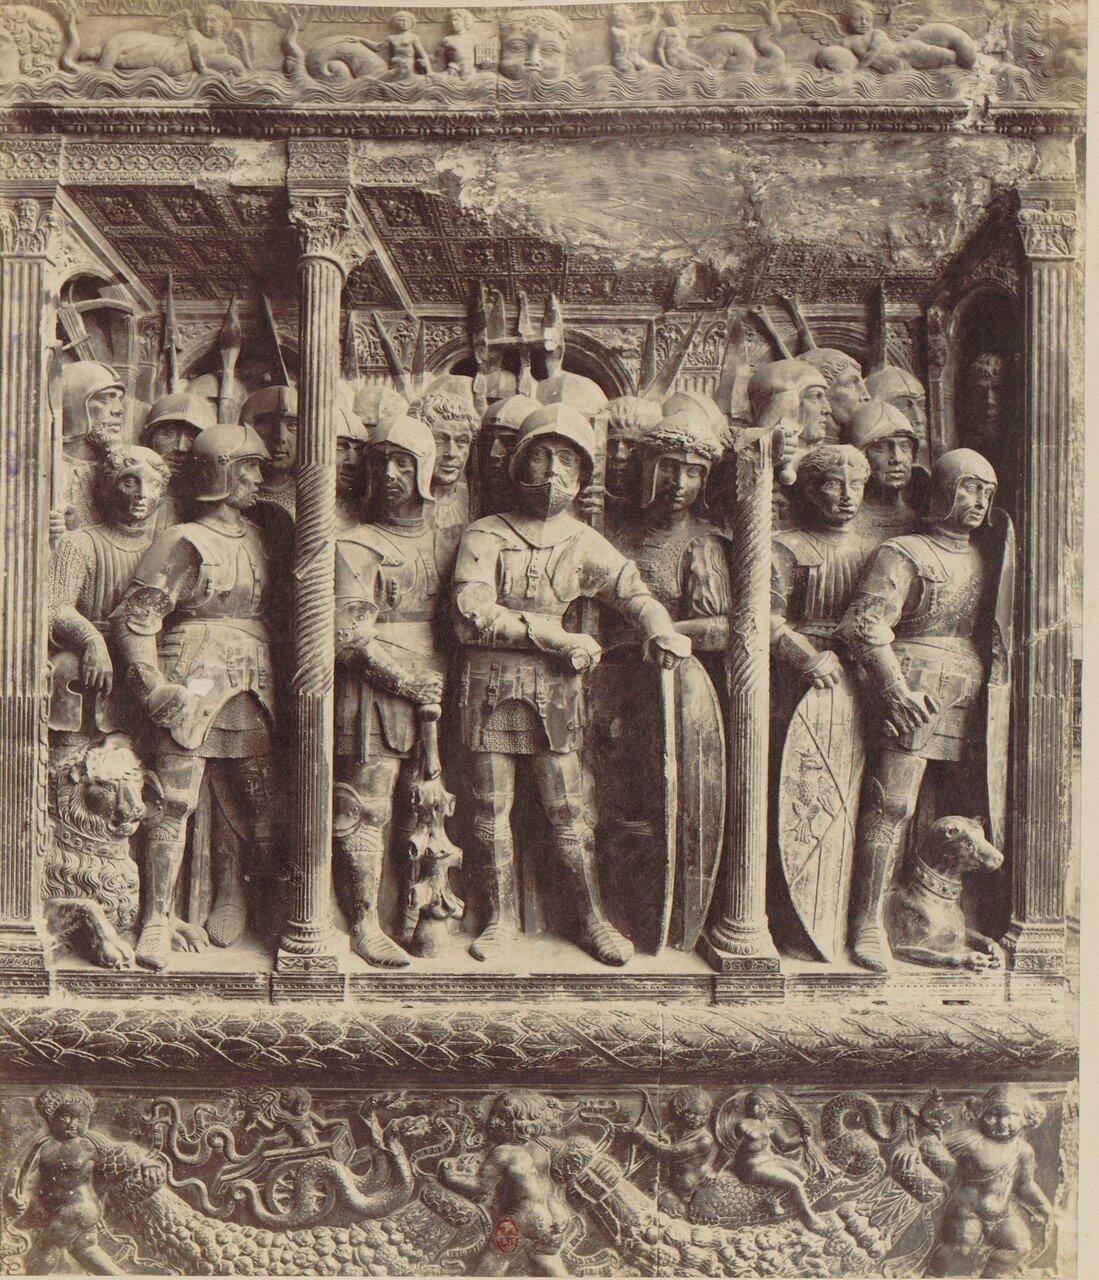 42. Кастель-Нуово. Двери с изображением Фердинанда I Арагонского и его воинов